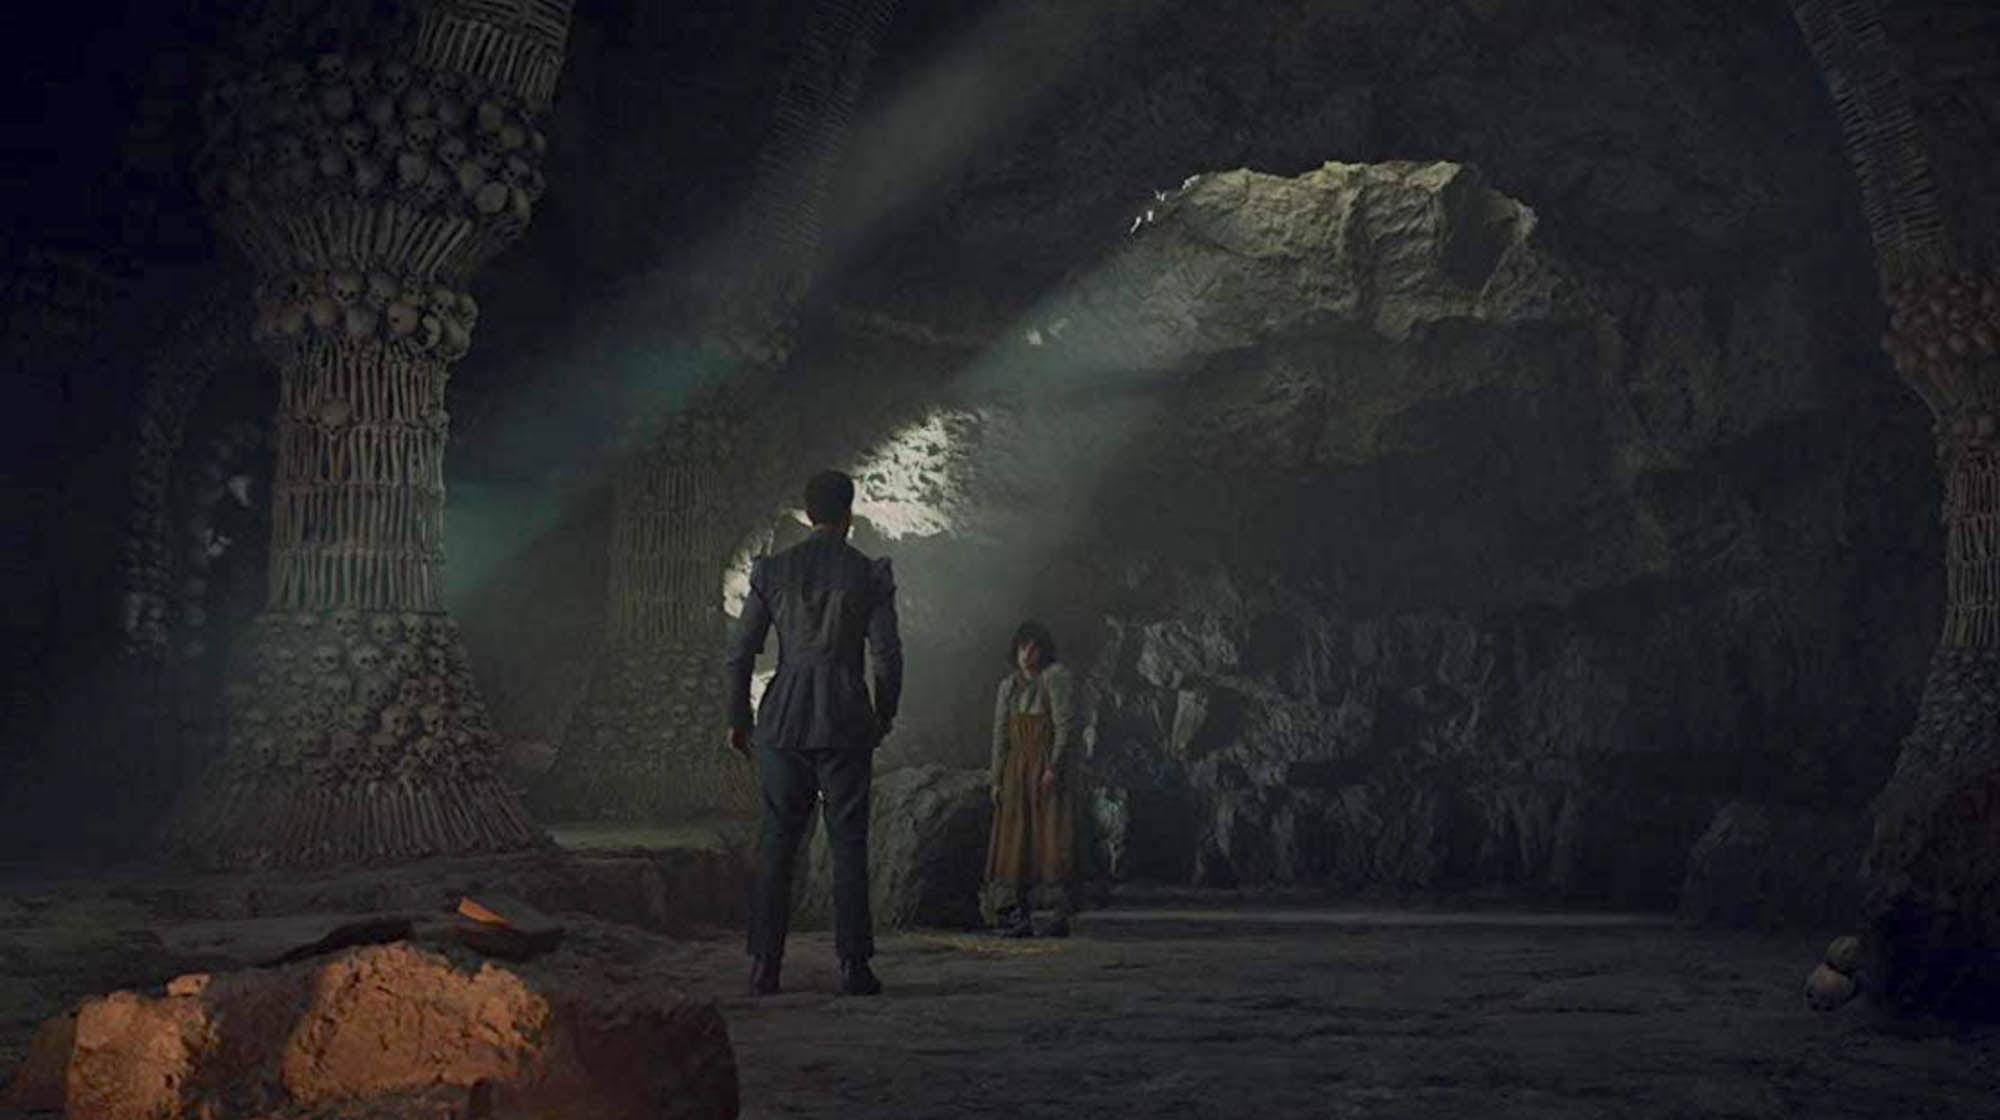 Designer de The Witcher da Netflix publica imagens inéditas da série 23